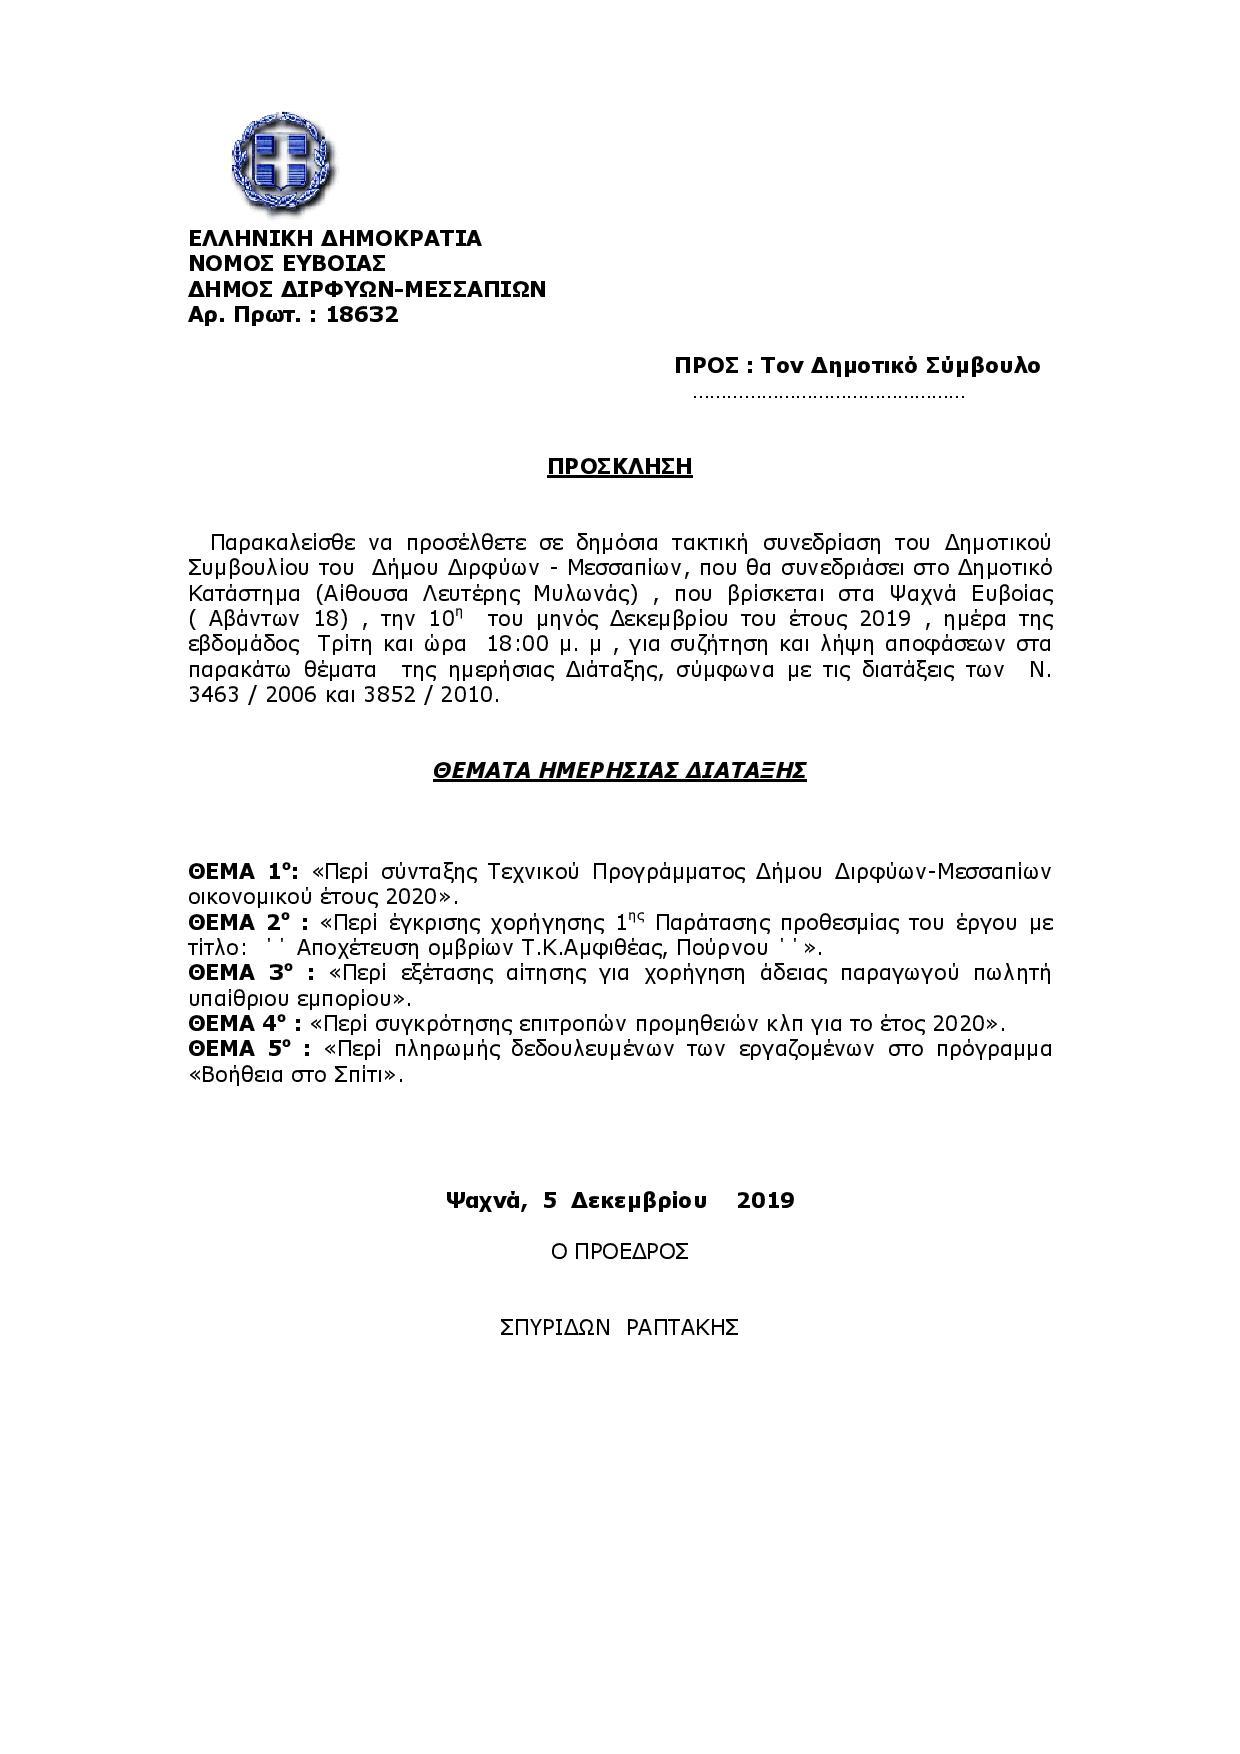 Την Τρίτη 10 Δεκεμβρίου συνεδριάζει το Δημοτικό συμβούλιο του Δήμου Διρφύων Μεσσαπίων (Τα πέντε θέματα της ημερήσιας διάταξης) 33